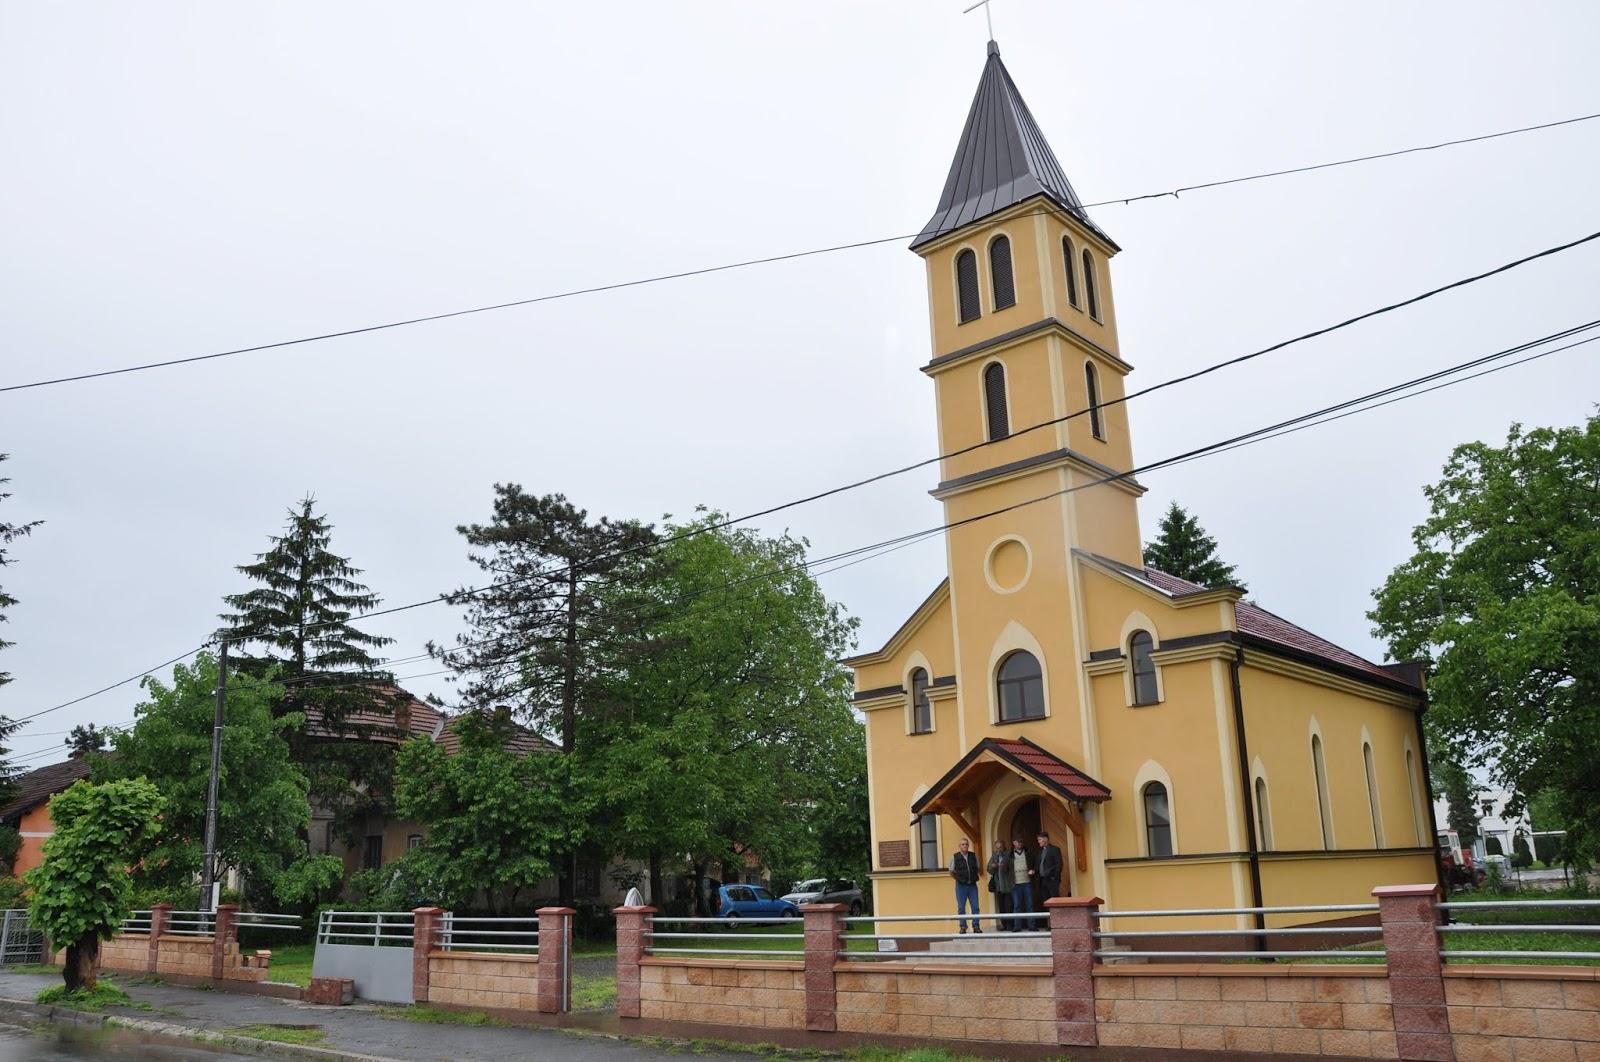 Novinarstvo!!!: Drevna i uništena župa Dubica - uzdizanje iz pepela?